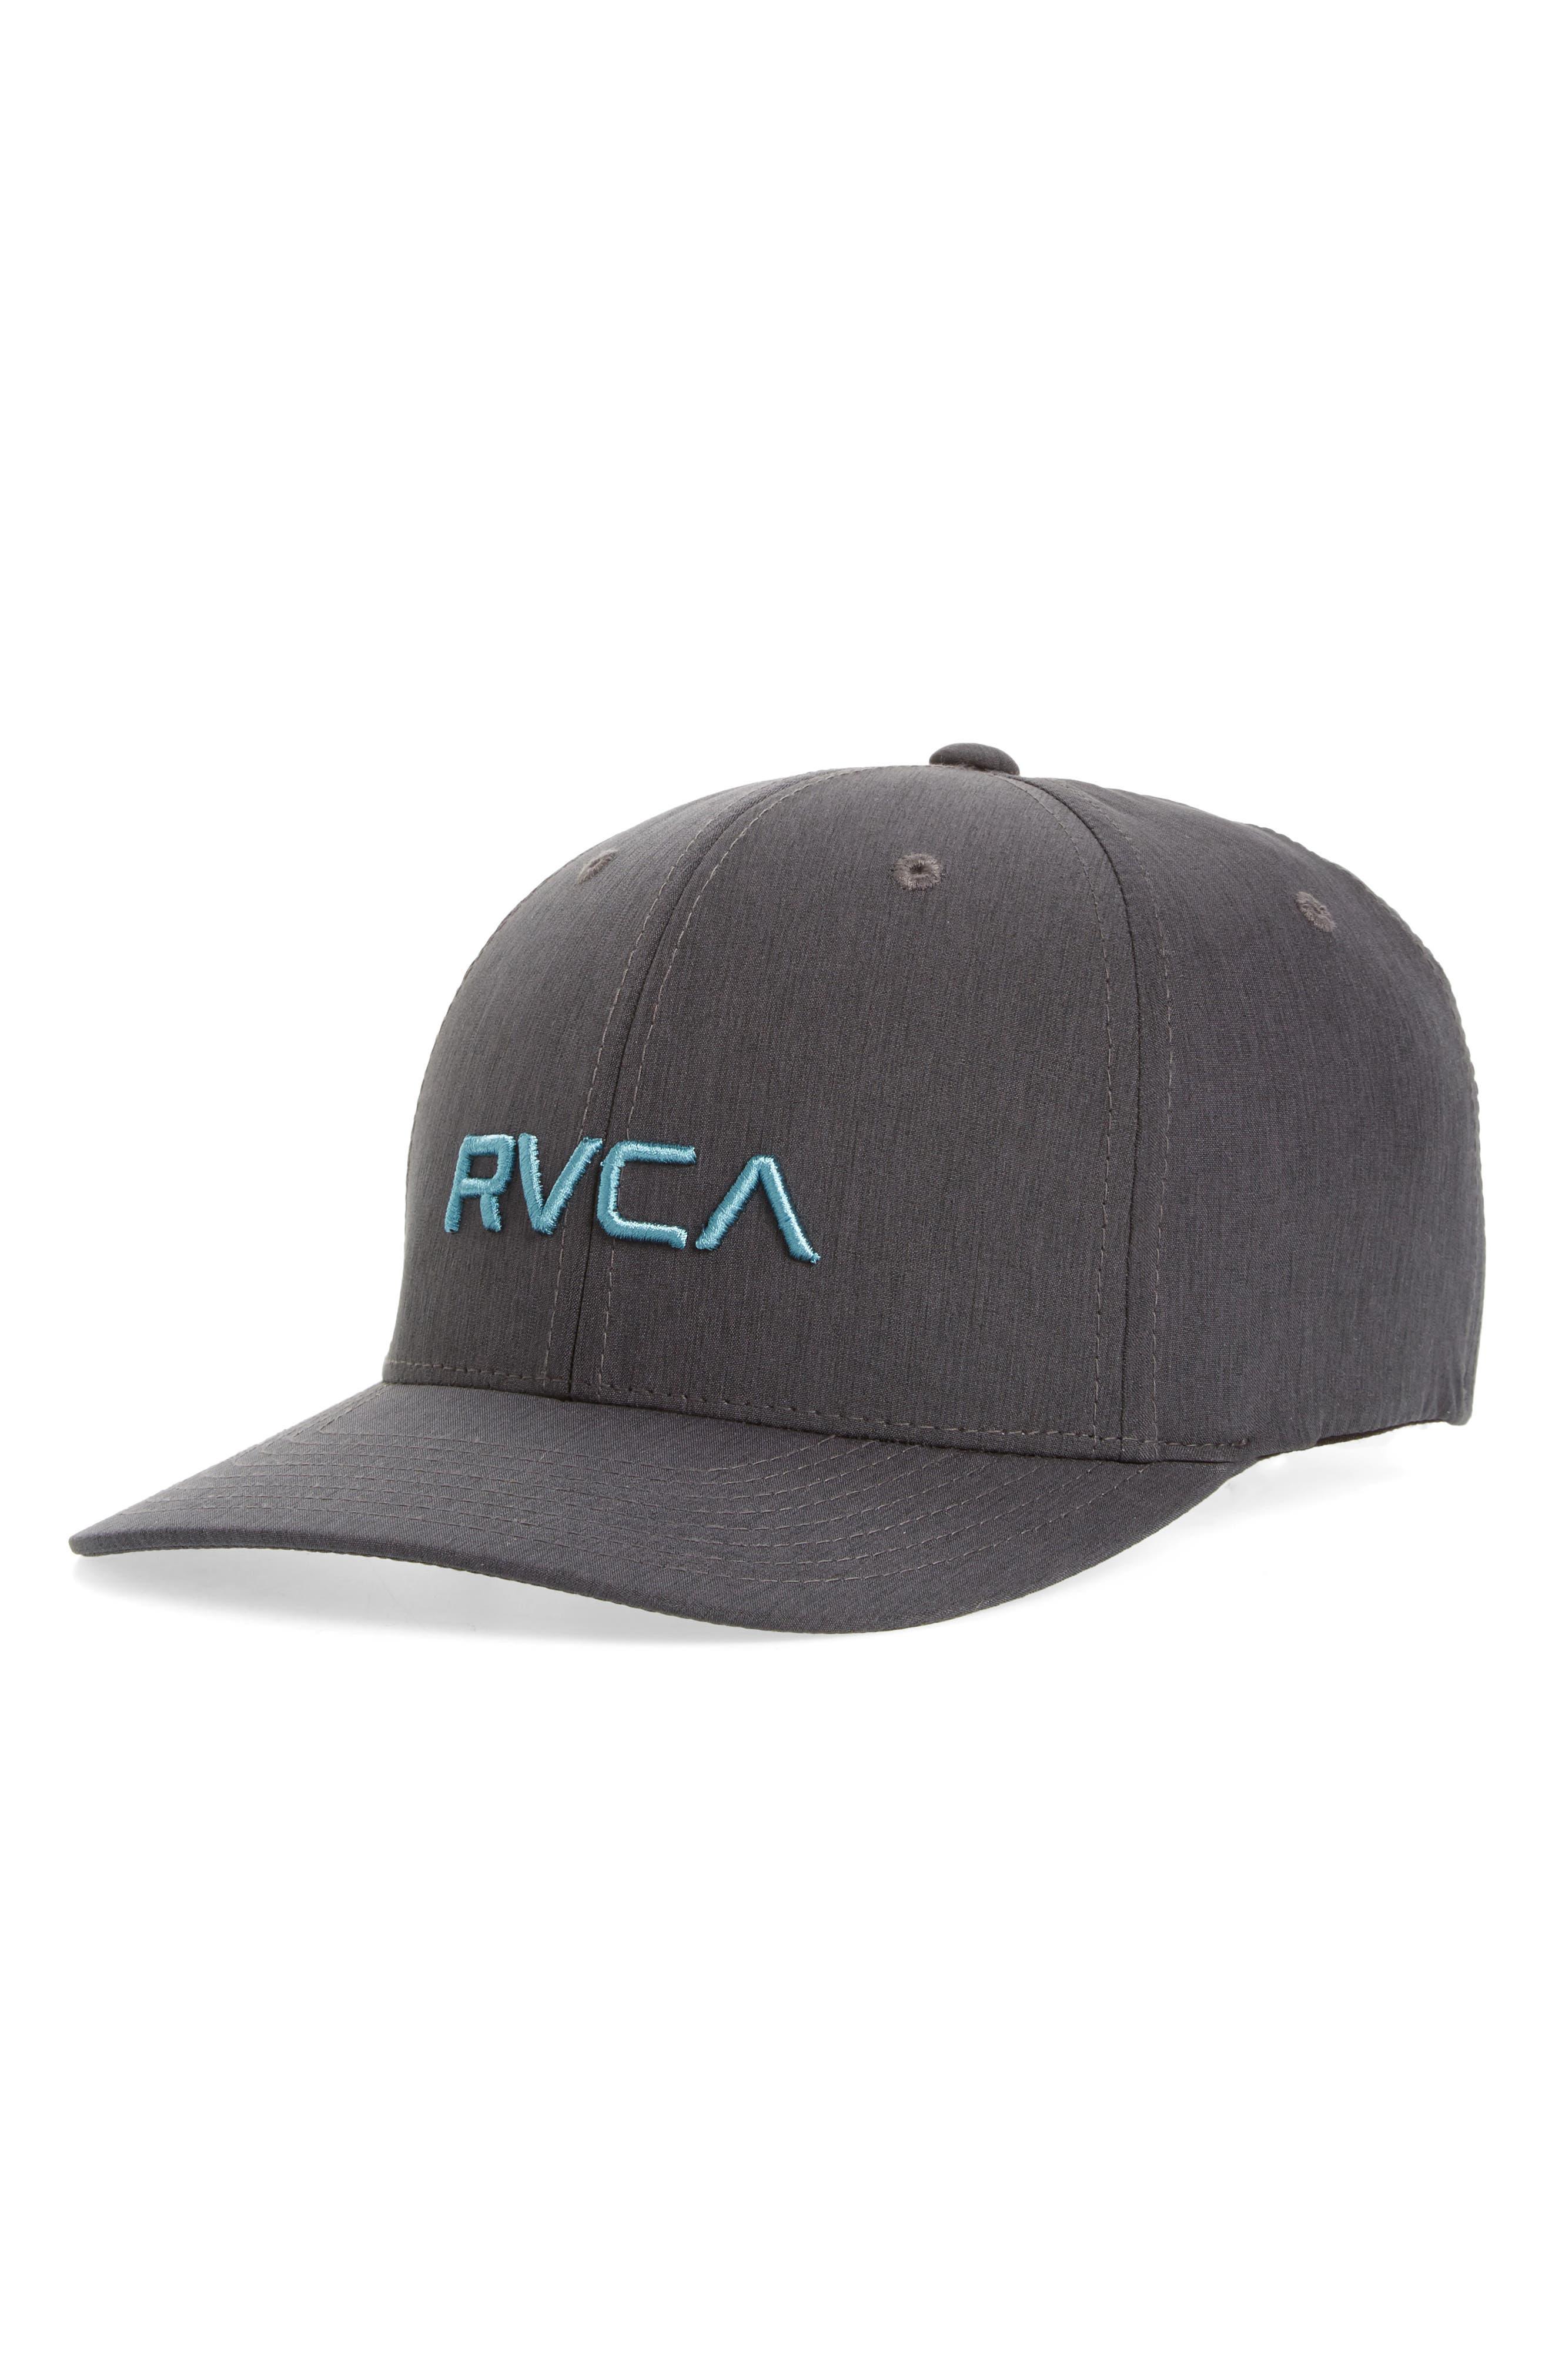 RVCA, Flex Fit Baseball Cap, Main thumbnail 1, color, CHARCOAL HEATHER